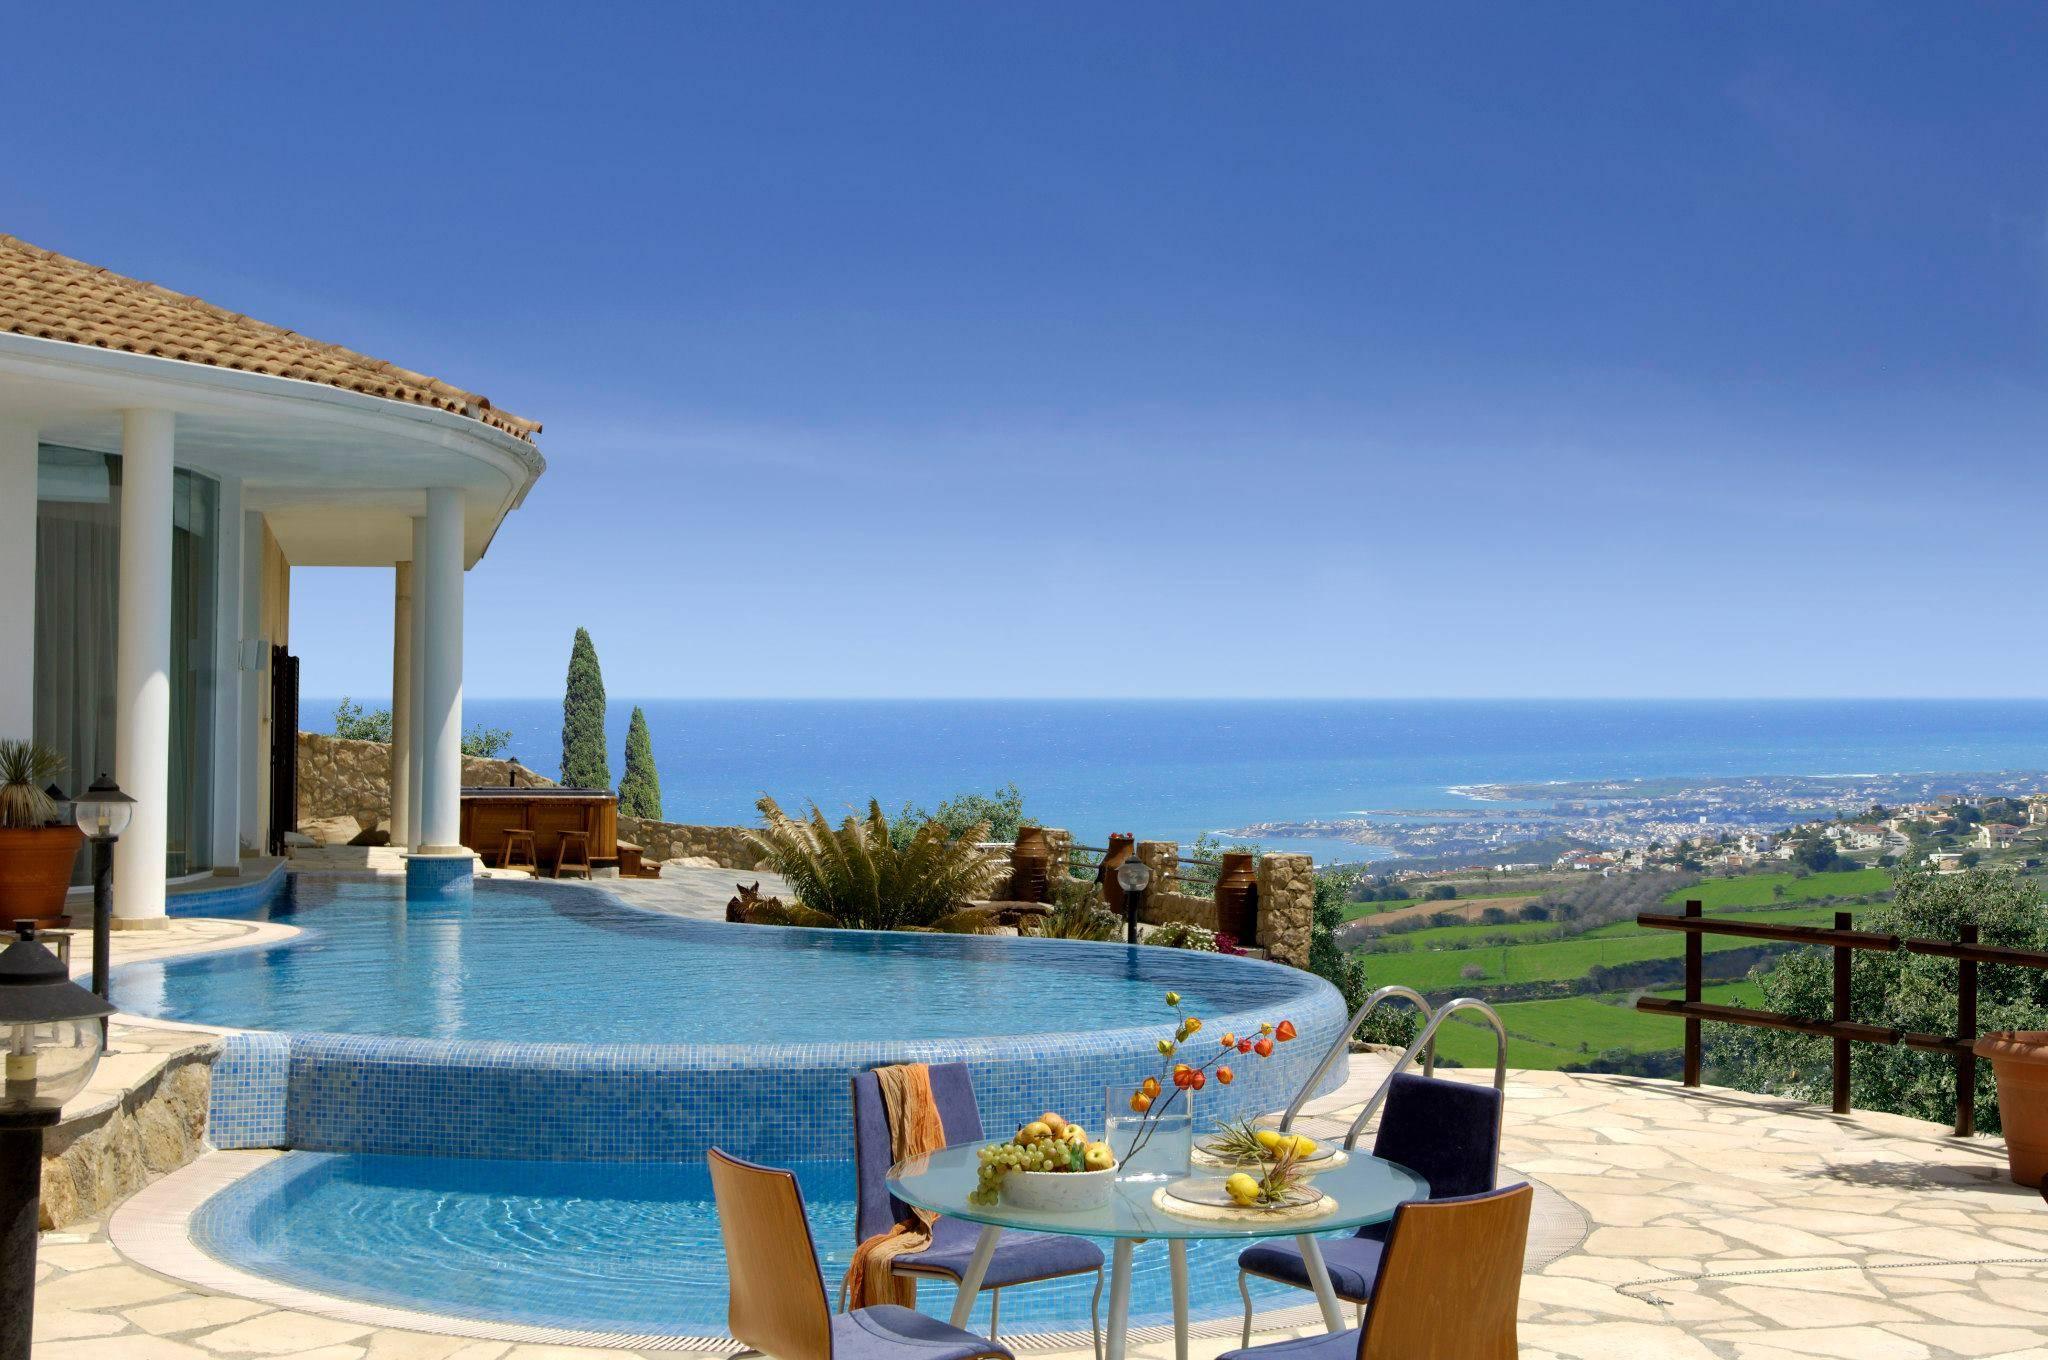 Виллы на Кипре: преимущества